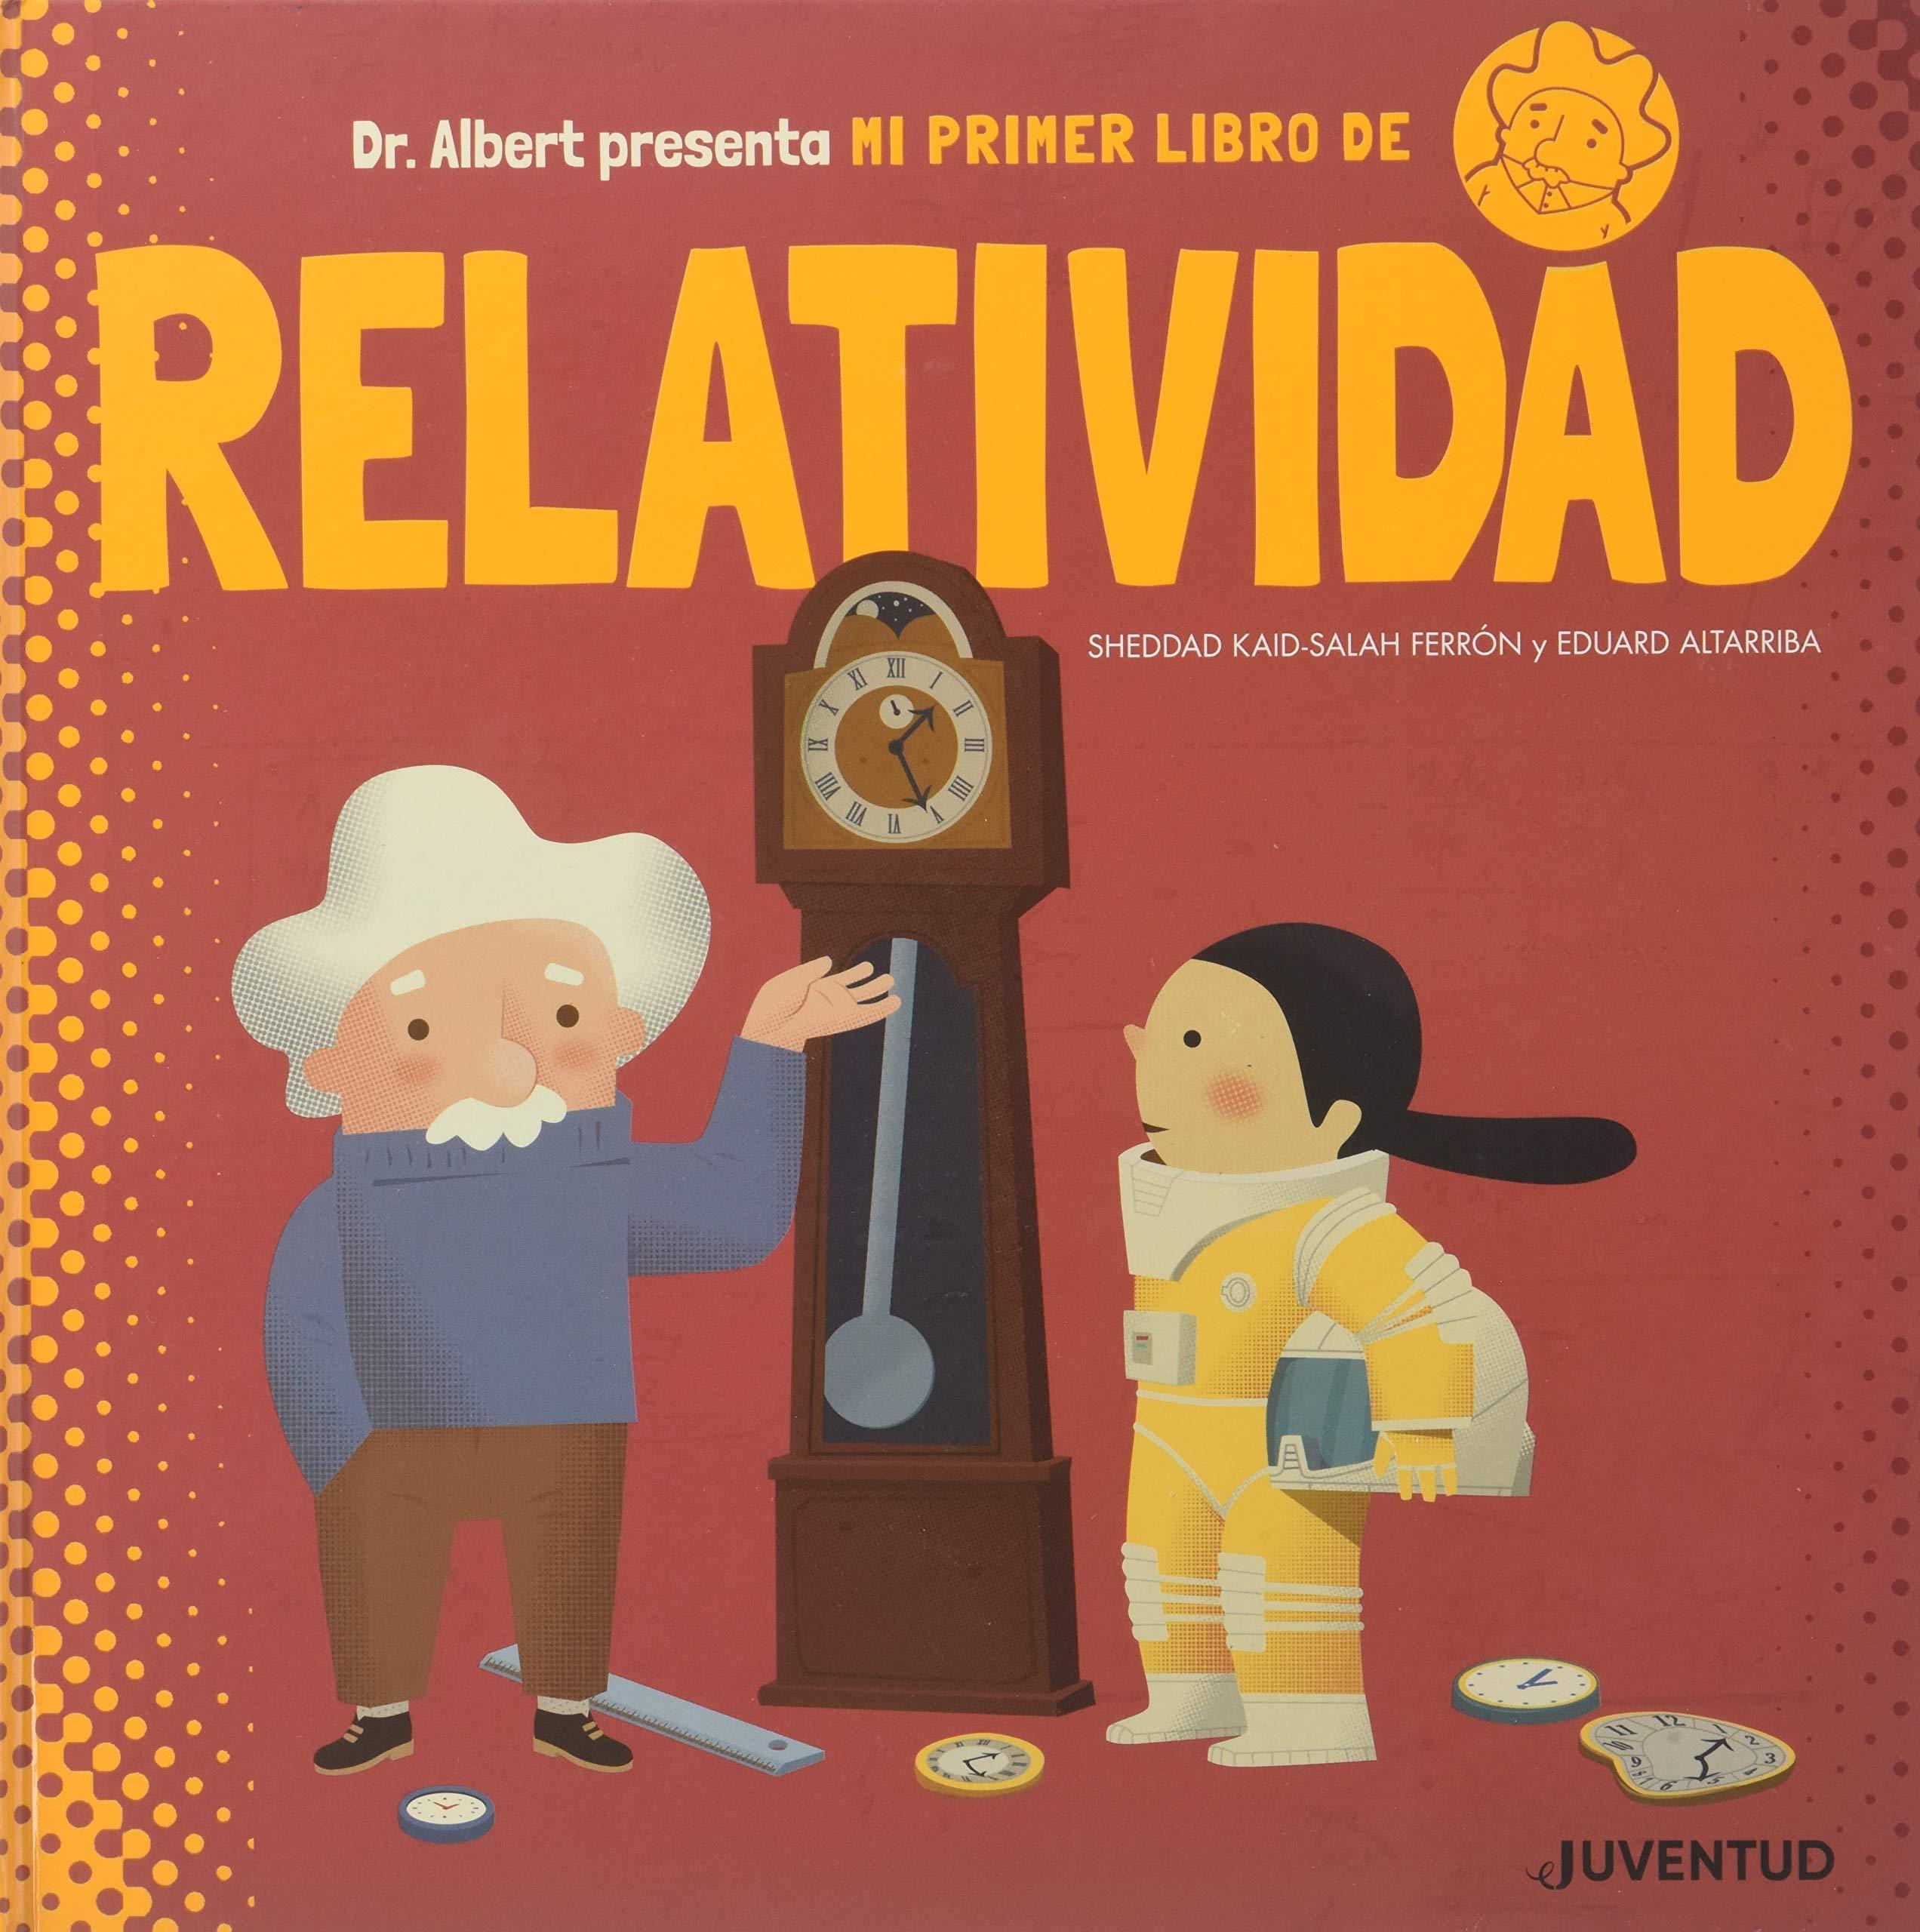 Mi primer libro de Relatividad (Álbumes Ilustrados): Amazon.es: Sheddad Kaid-Salah Ferrón, Eduard Altarriba: Libros